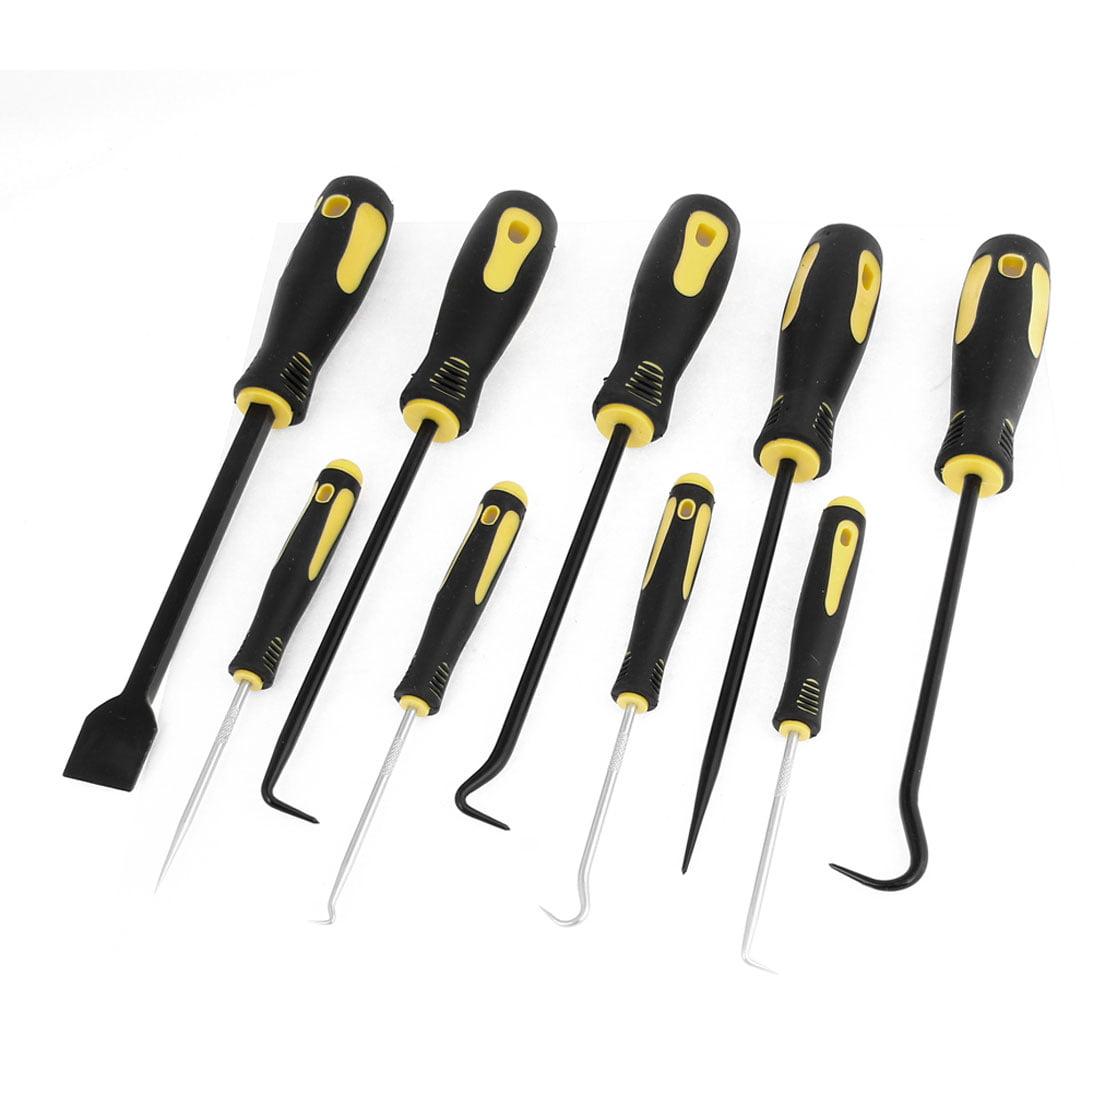 Black Handle Hook Picks Scraper Trim Removal Repairing Tool 9 in 1 Set